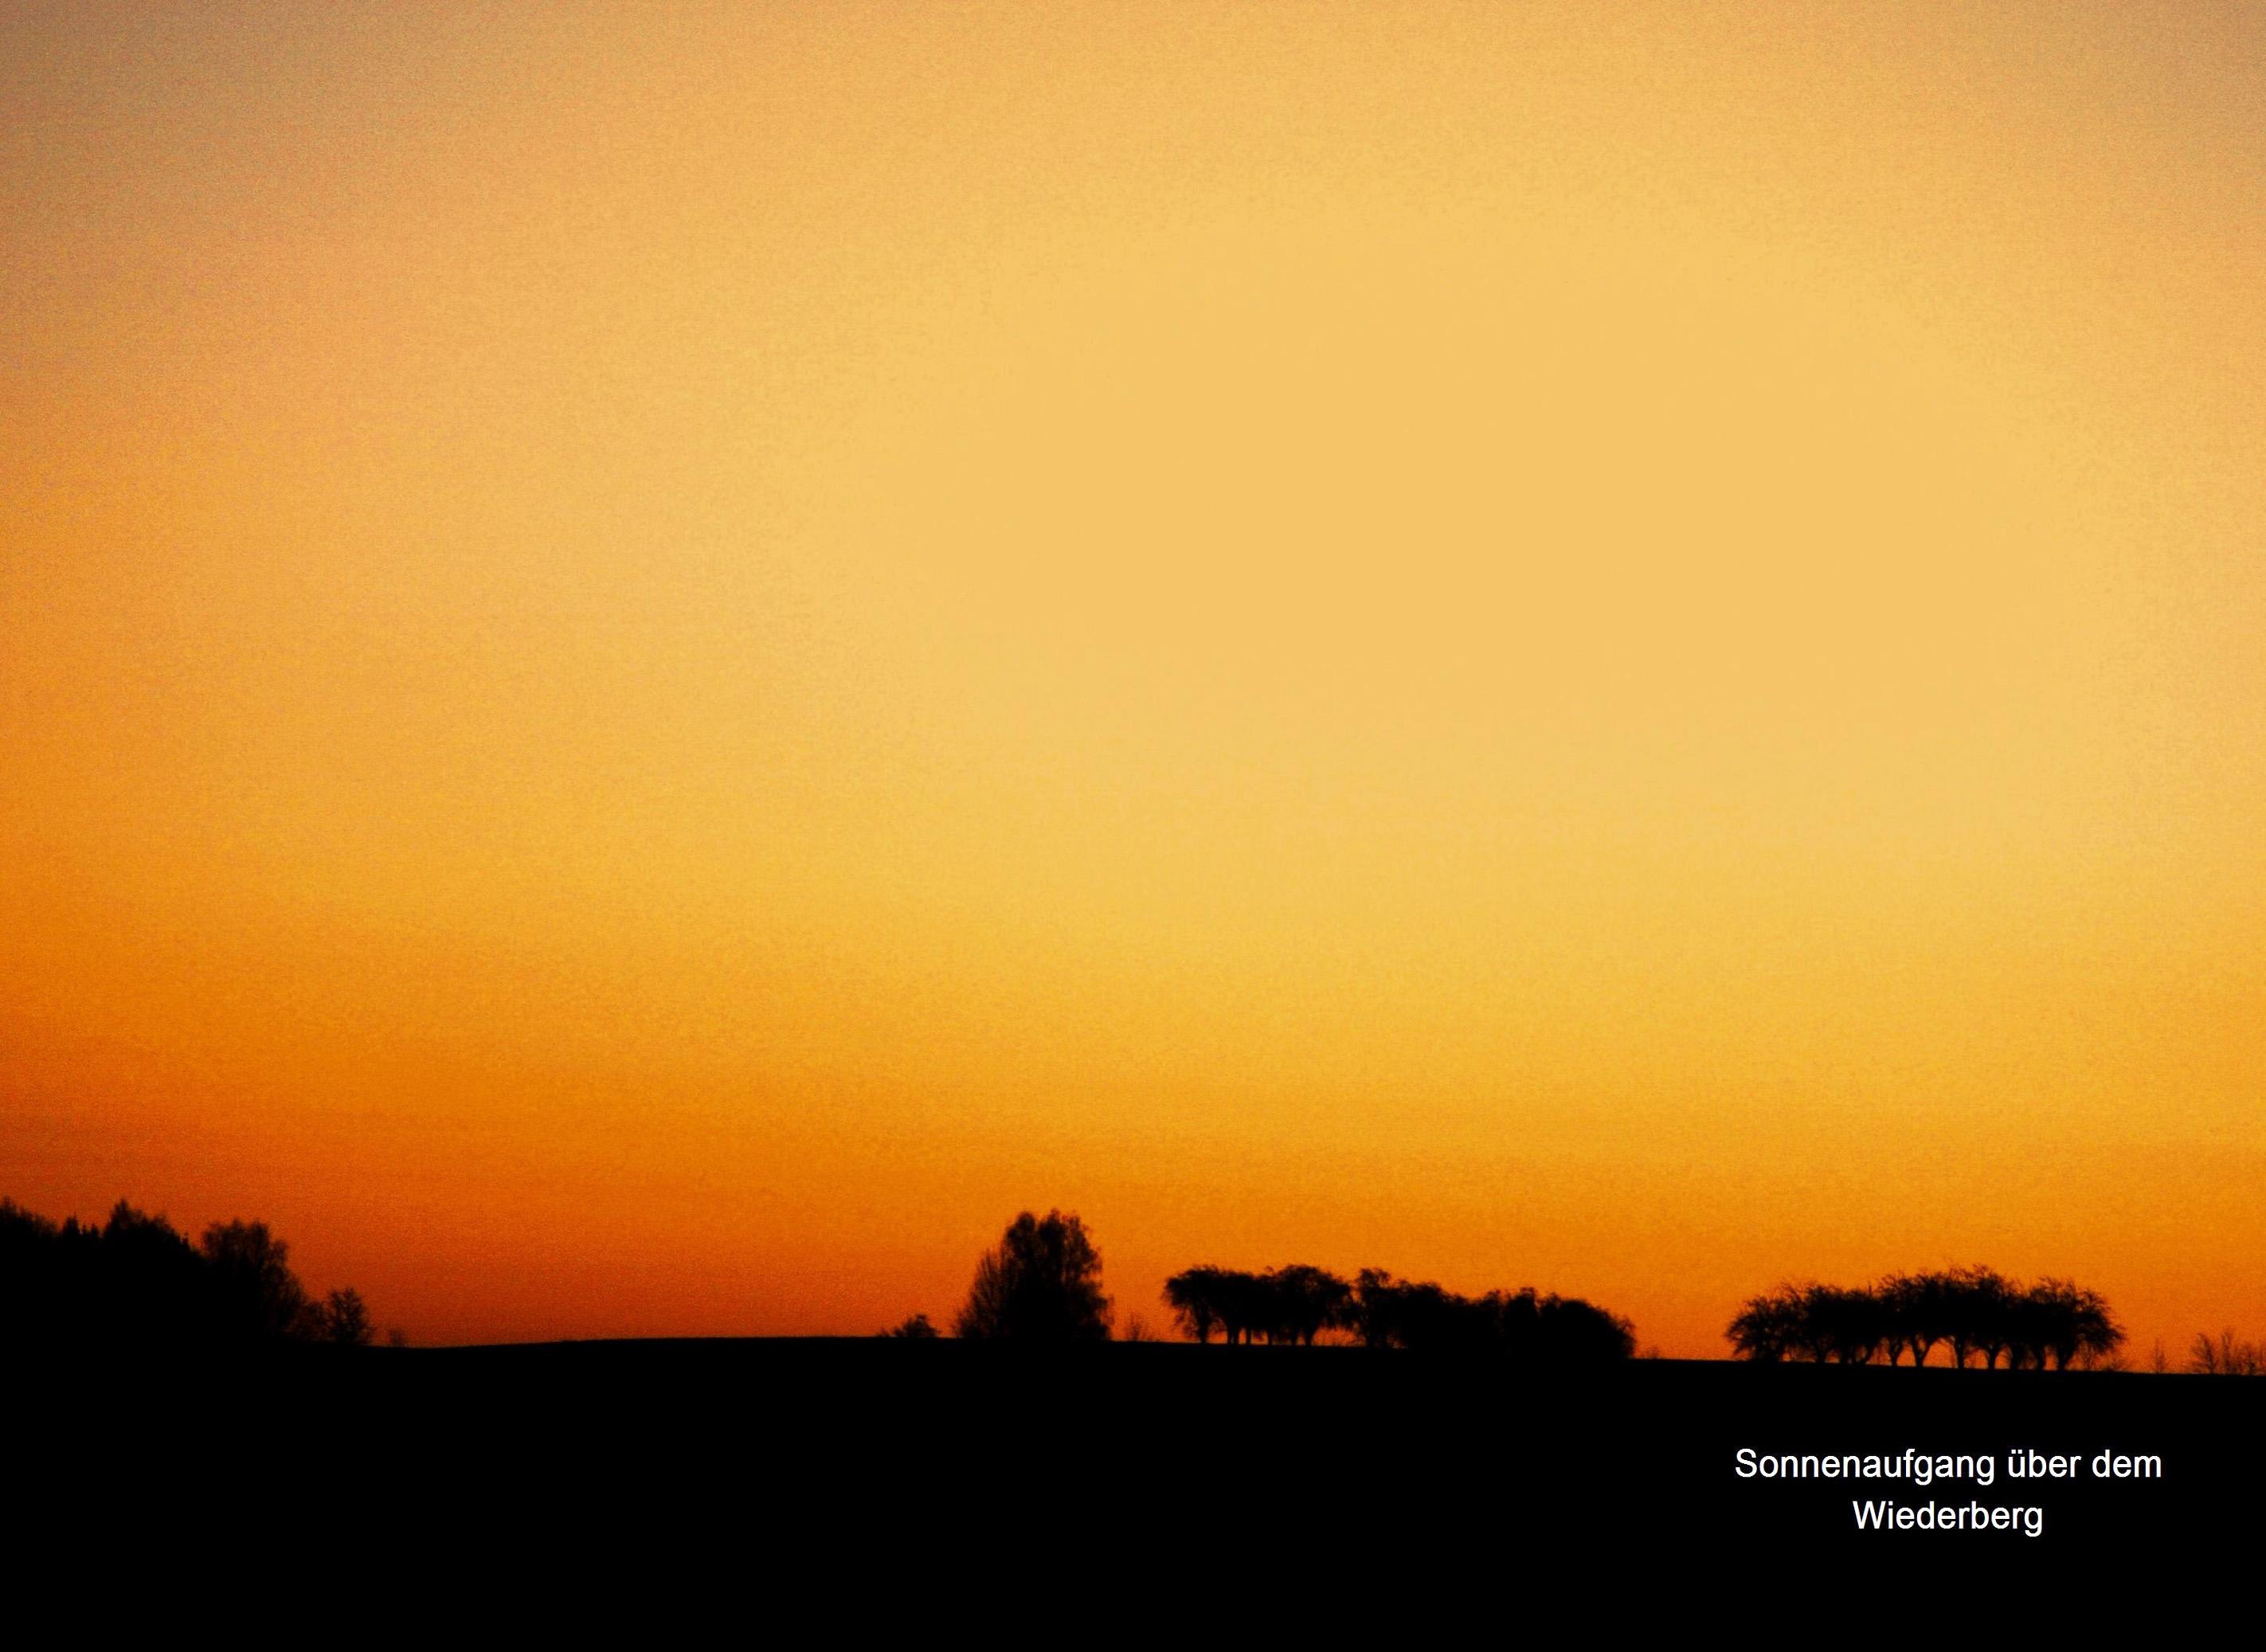 2.) Göritzhain  Sonnenaufgang über Wiederberg